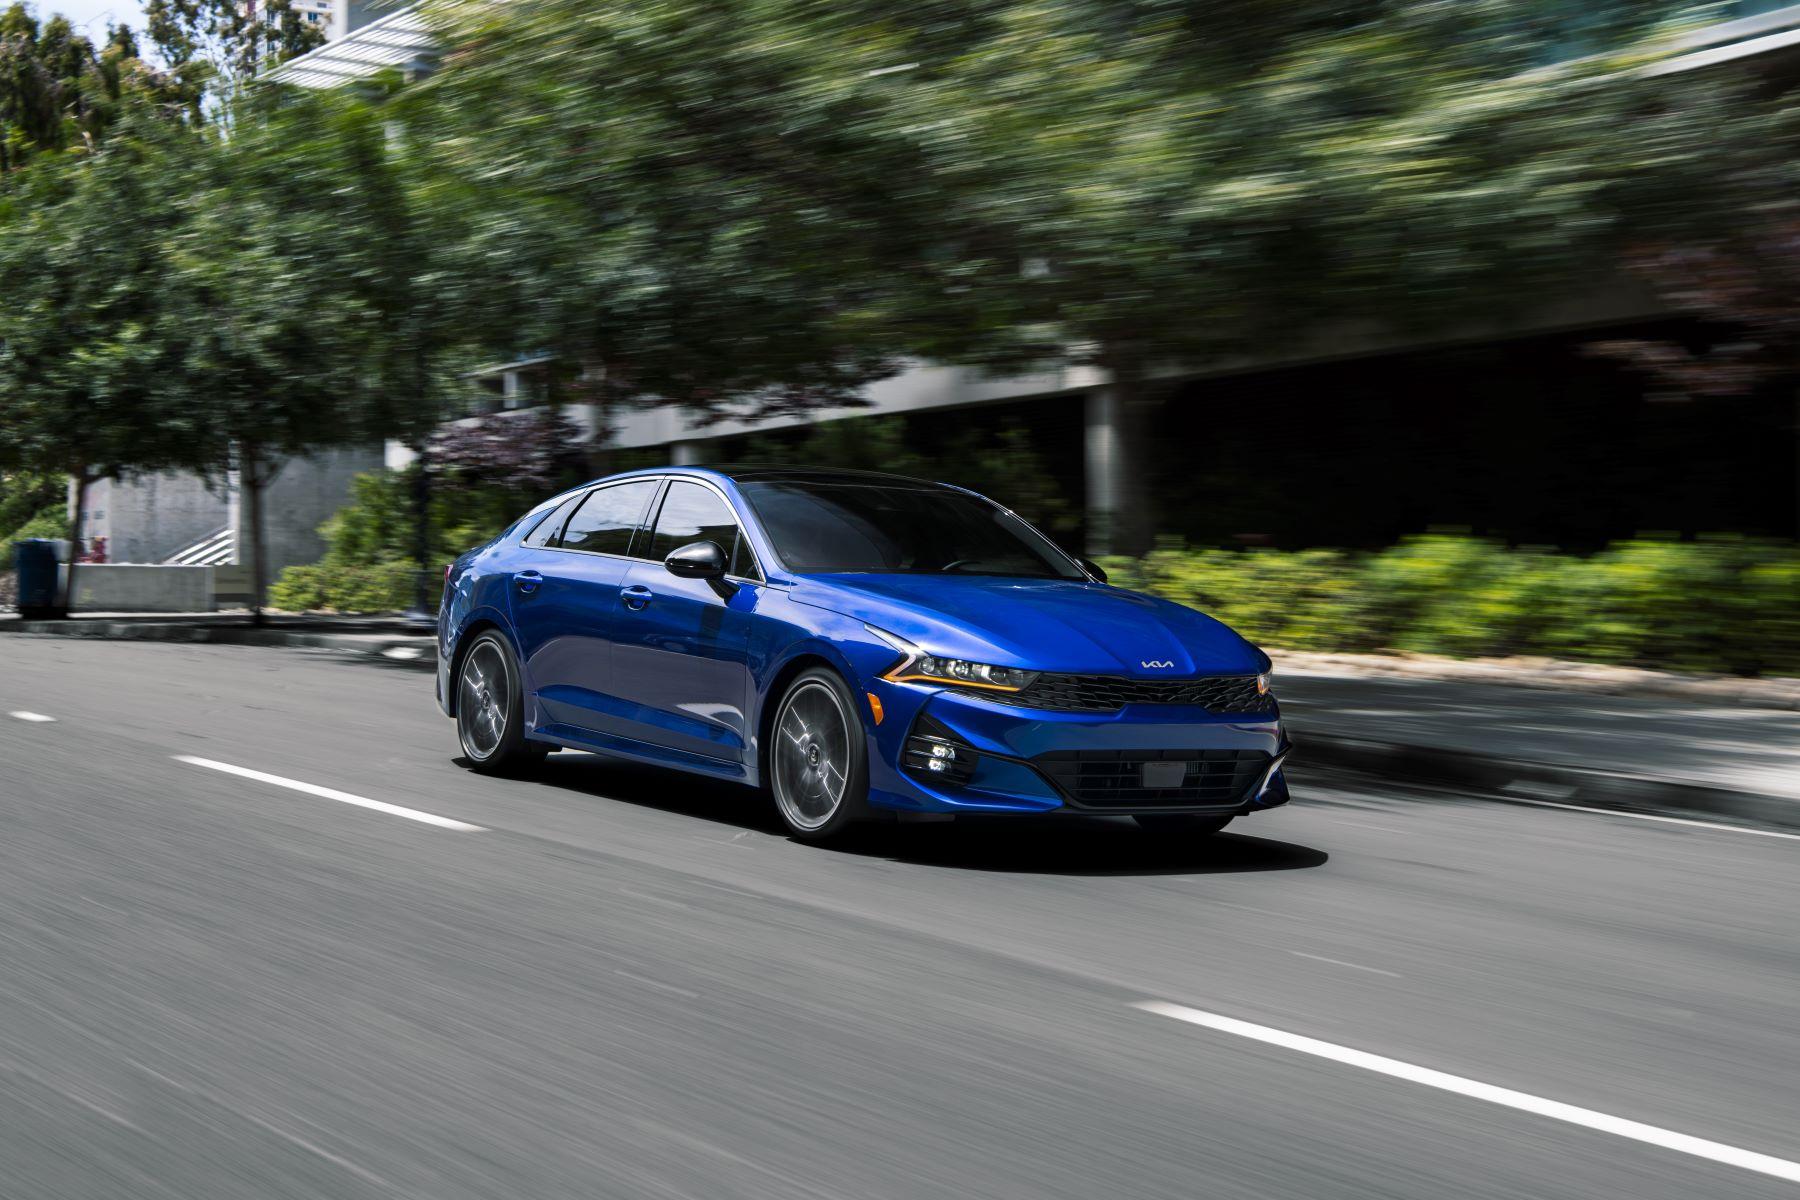 The 2022 Kia K5 midsize sedan in blue